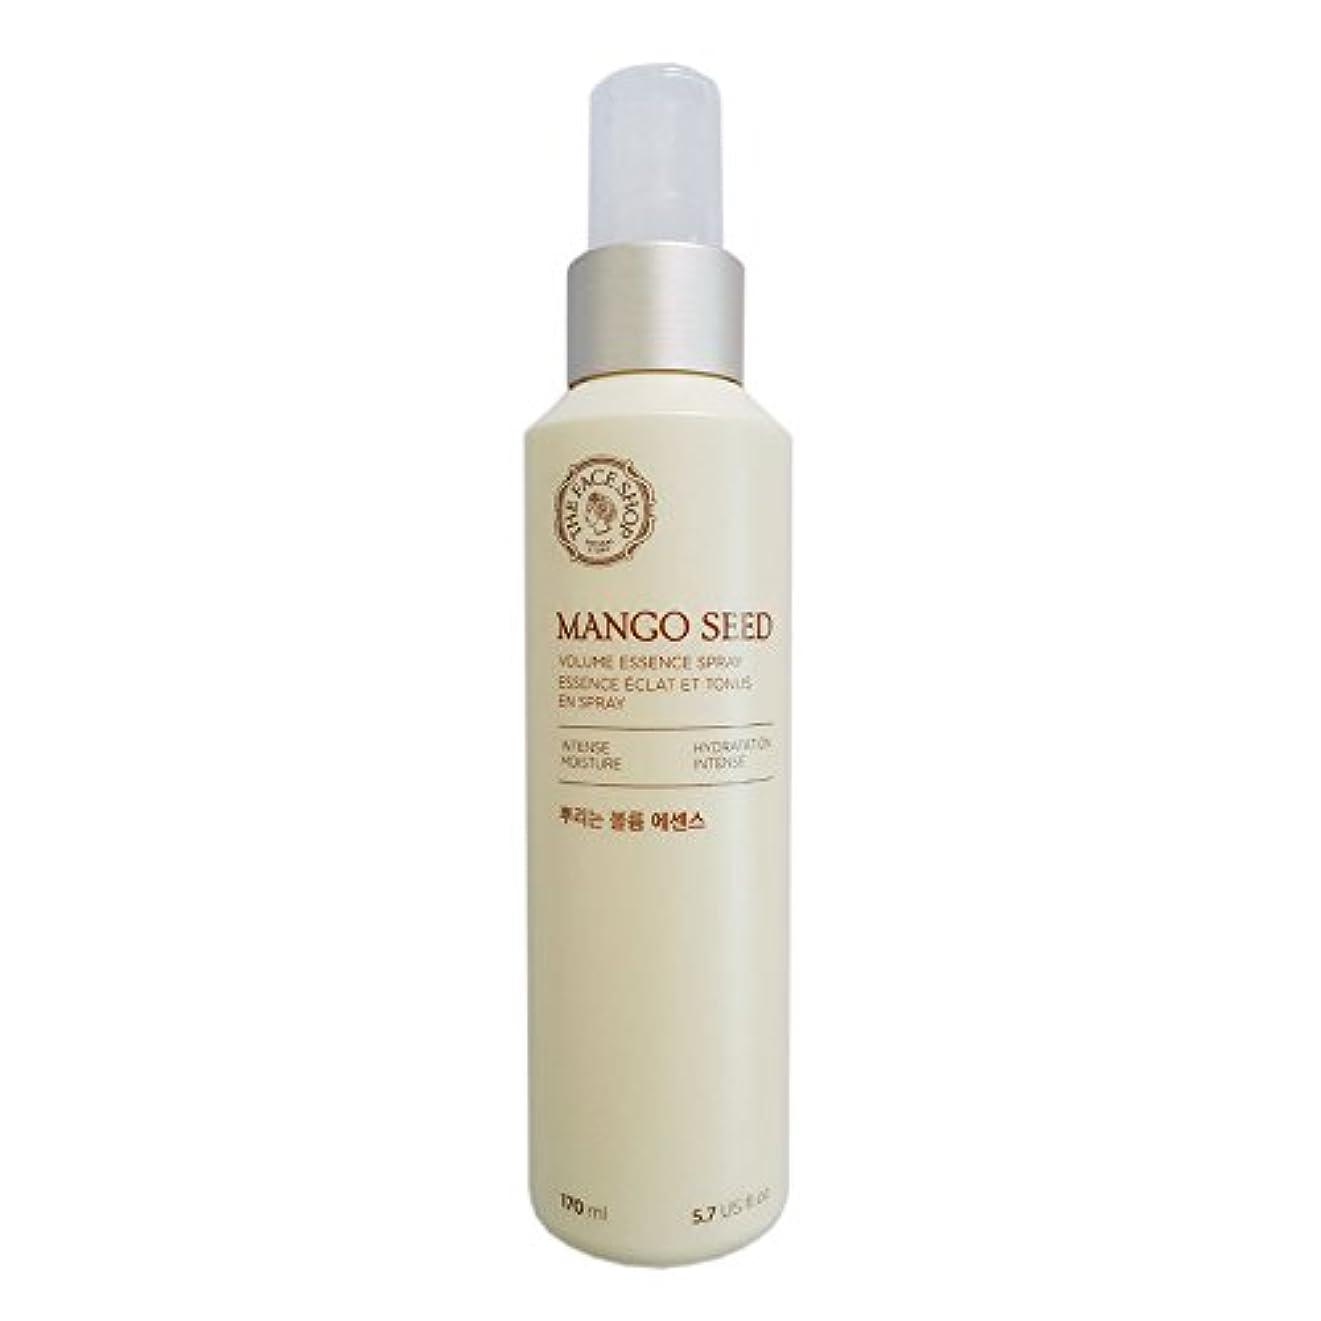 壊すまとめる幸運[ザフェイスショップ] THE FACE SHOP マンゴシードスプレーボリューム?エッセンス(170ml) The Face Shop Mango Seed Volume Essence Spray (170ml) [...